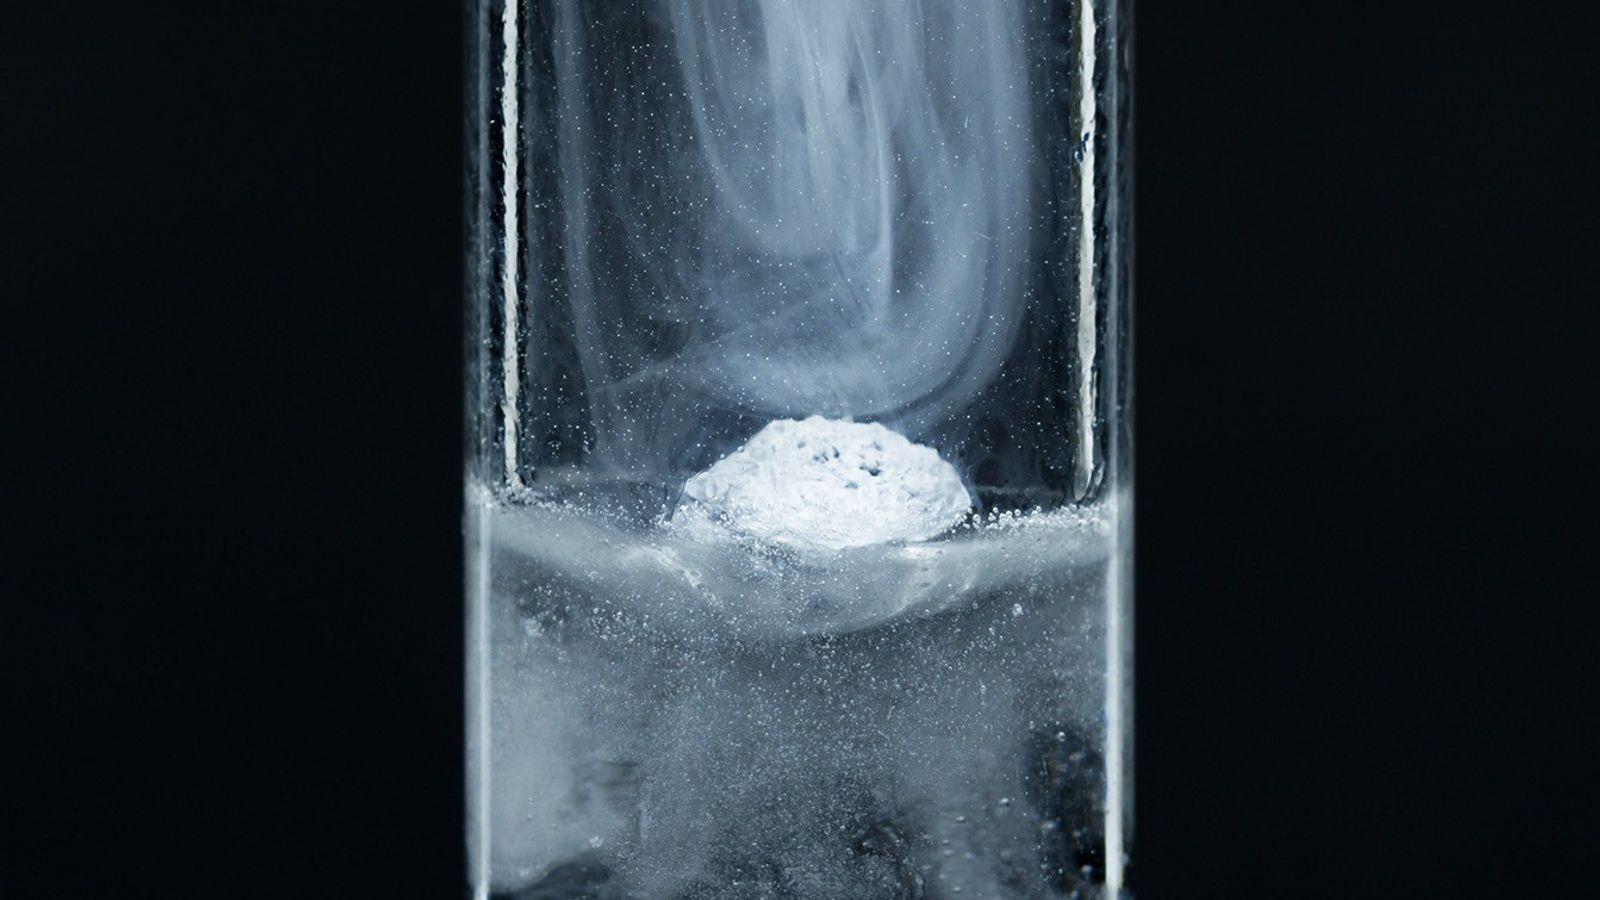 Cuando una pequeña partícula de potasio metálico se cae en un tubo de ensayo de agua, ...